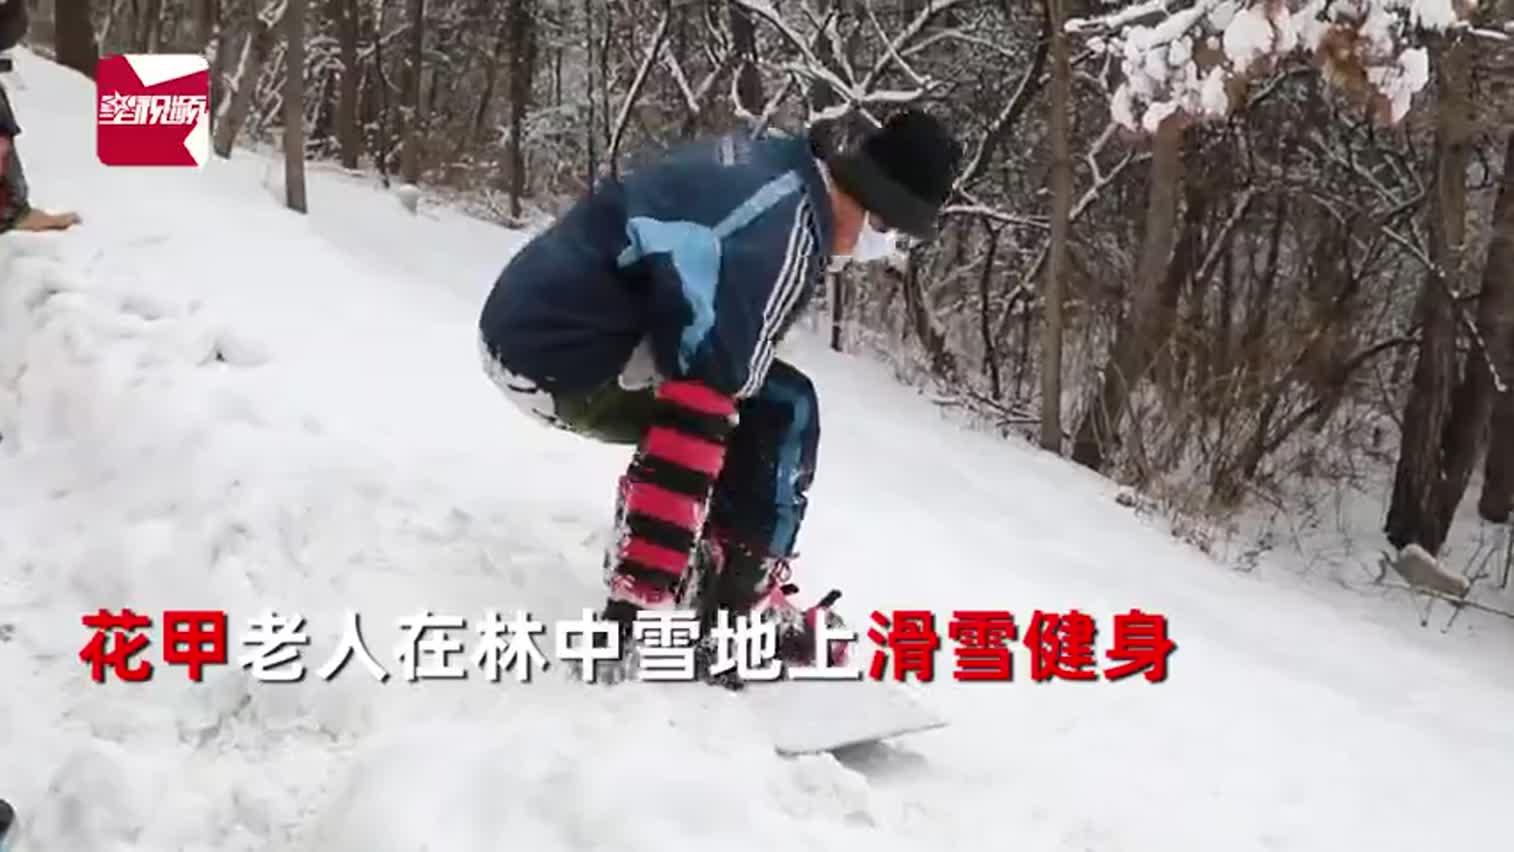 视频 疫情期雪场不开 7旬花甲老人自找场地滑雪健